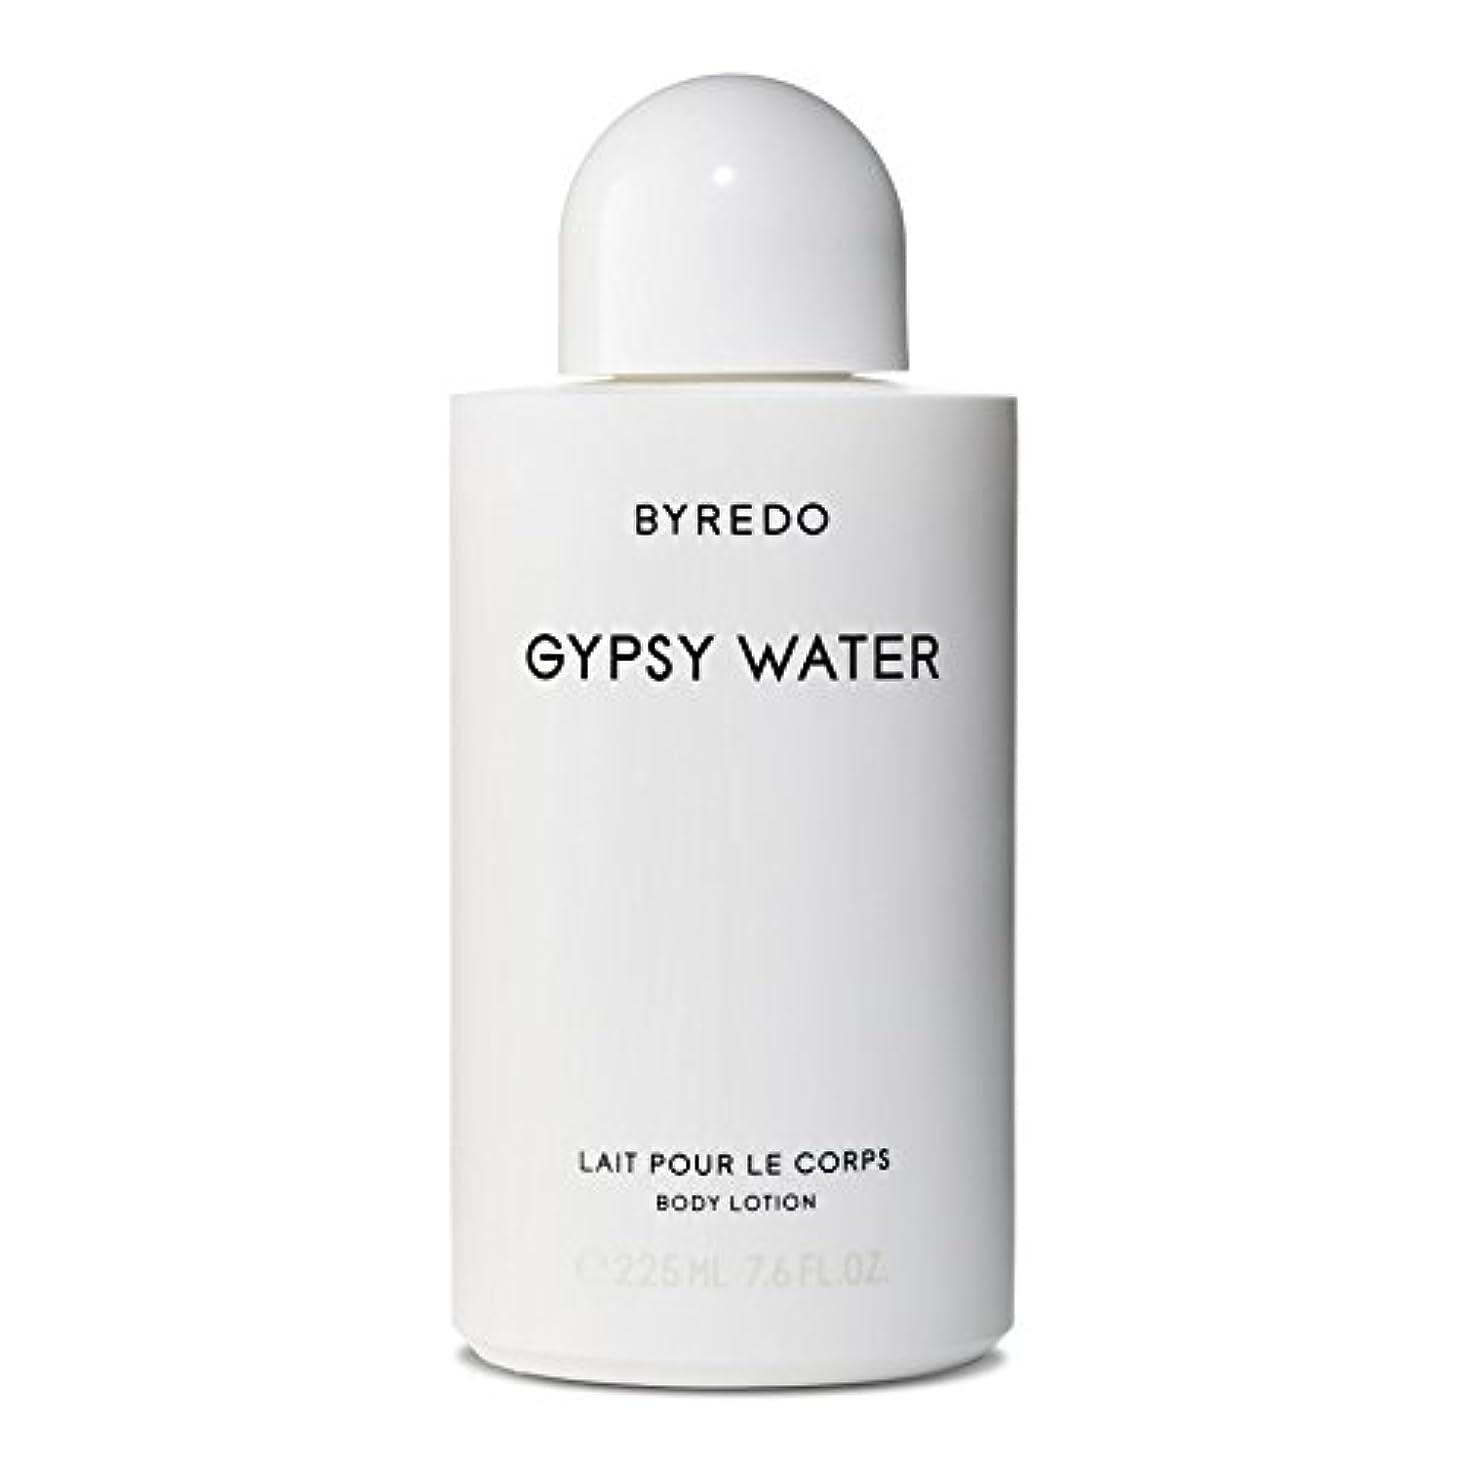 角度汗装置Byredo Gypsy Water Body Lotion 225ml - ジプシー水ボディローション225ミリリットル [並行輸入品]